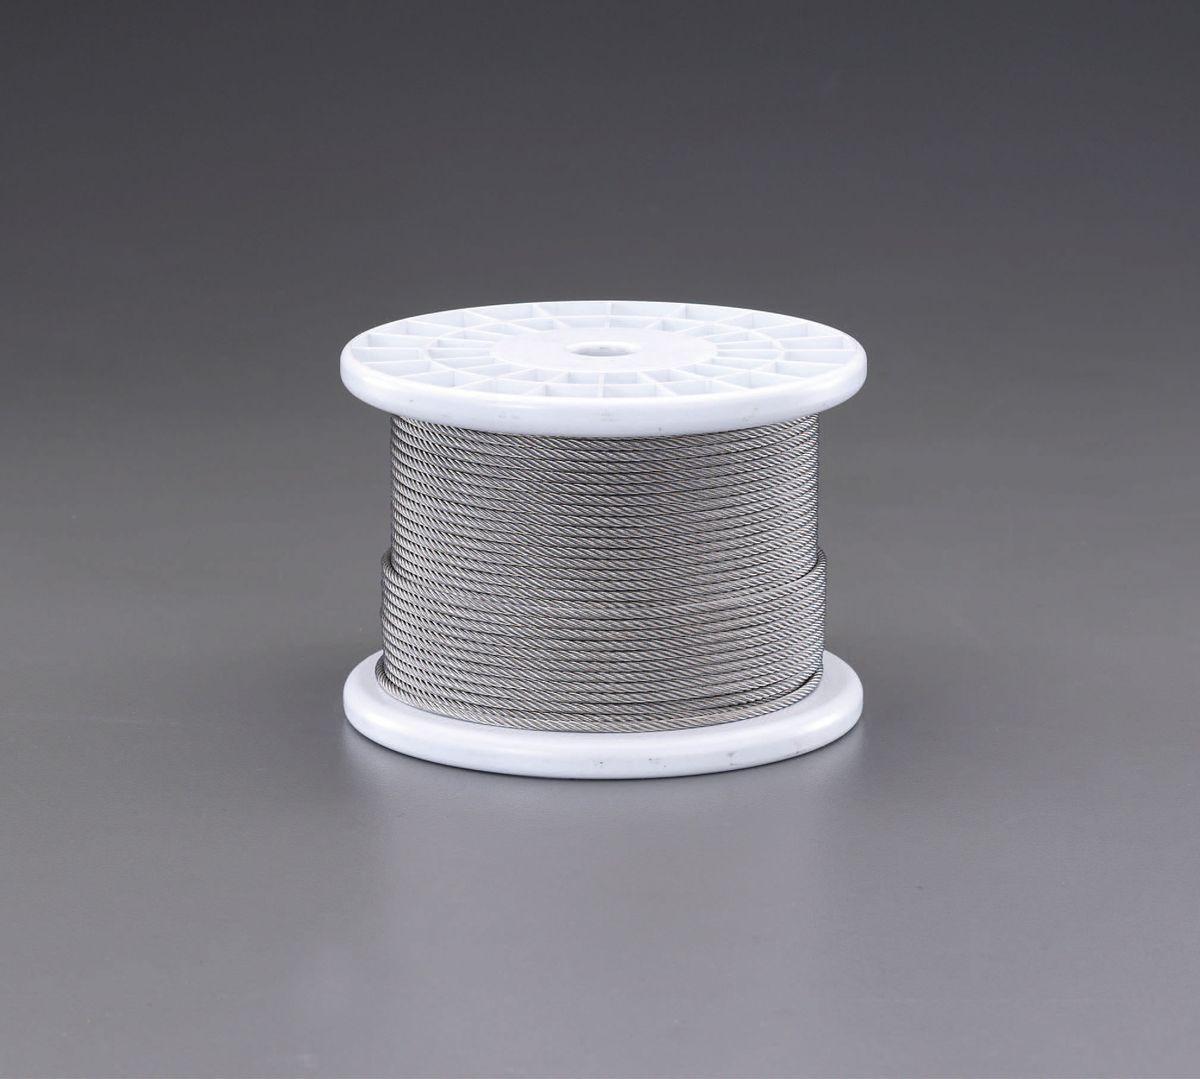 【メーカー在庫あり】 エスコ ESCO 4.0mmx100m/7x19 ワイヤーロープ(ステンレス製) 000012239052 HD店